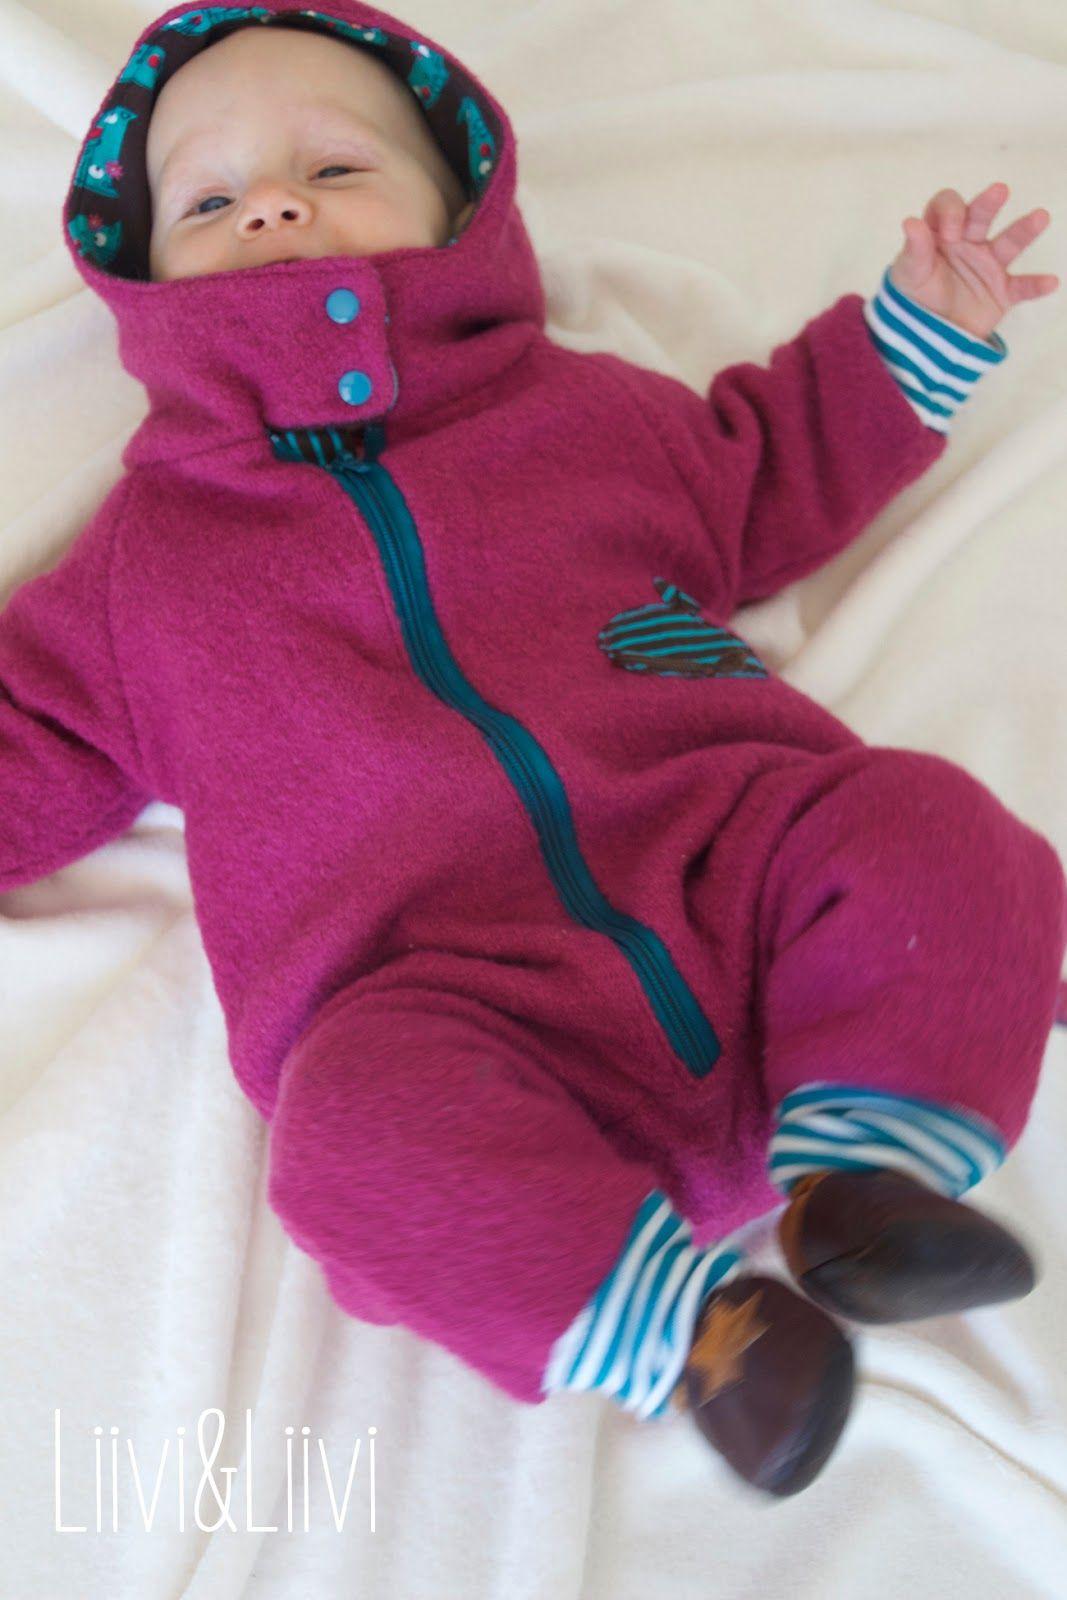 Rund ums Baby - Wagen- und Trageanzug | Baby anzug nähen ...